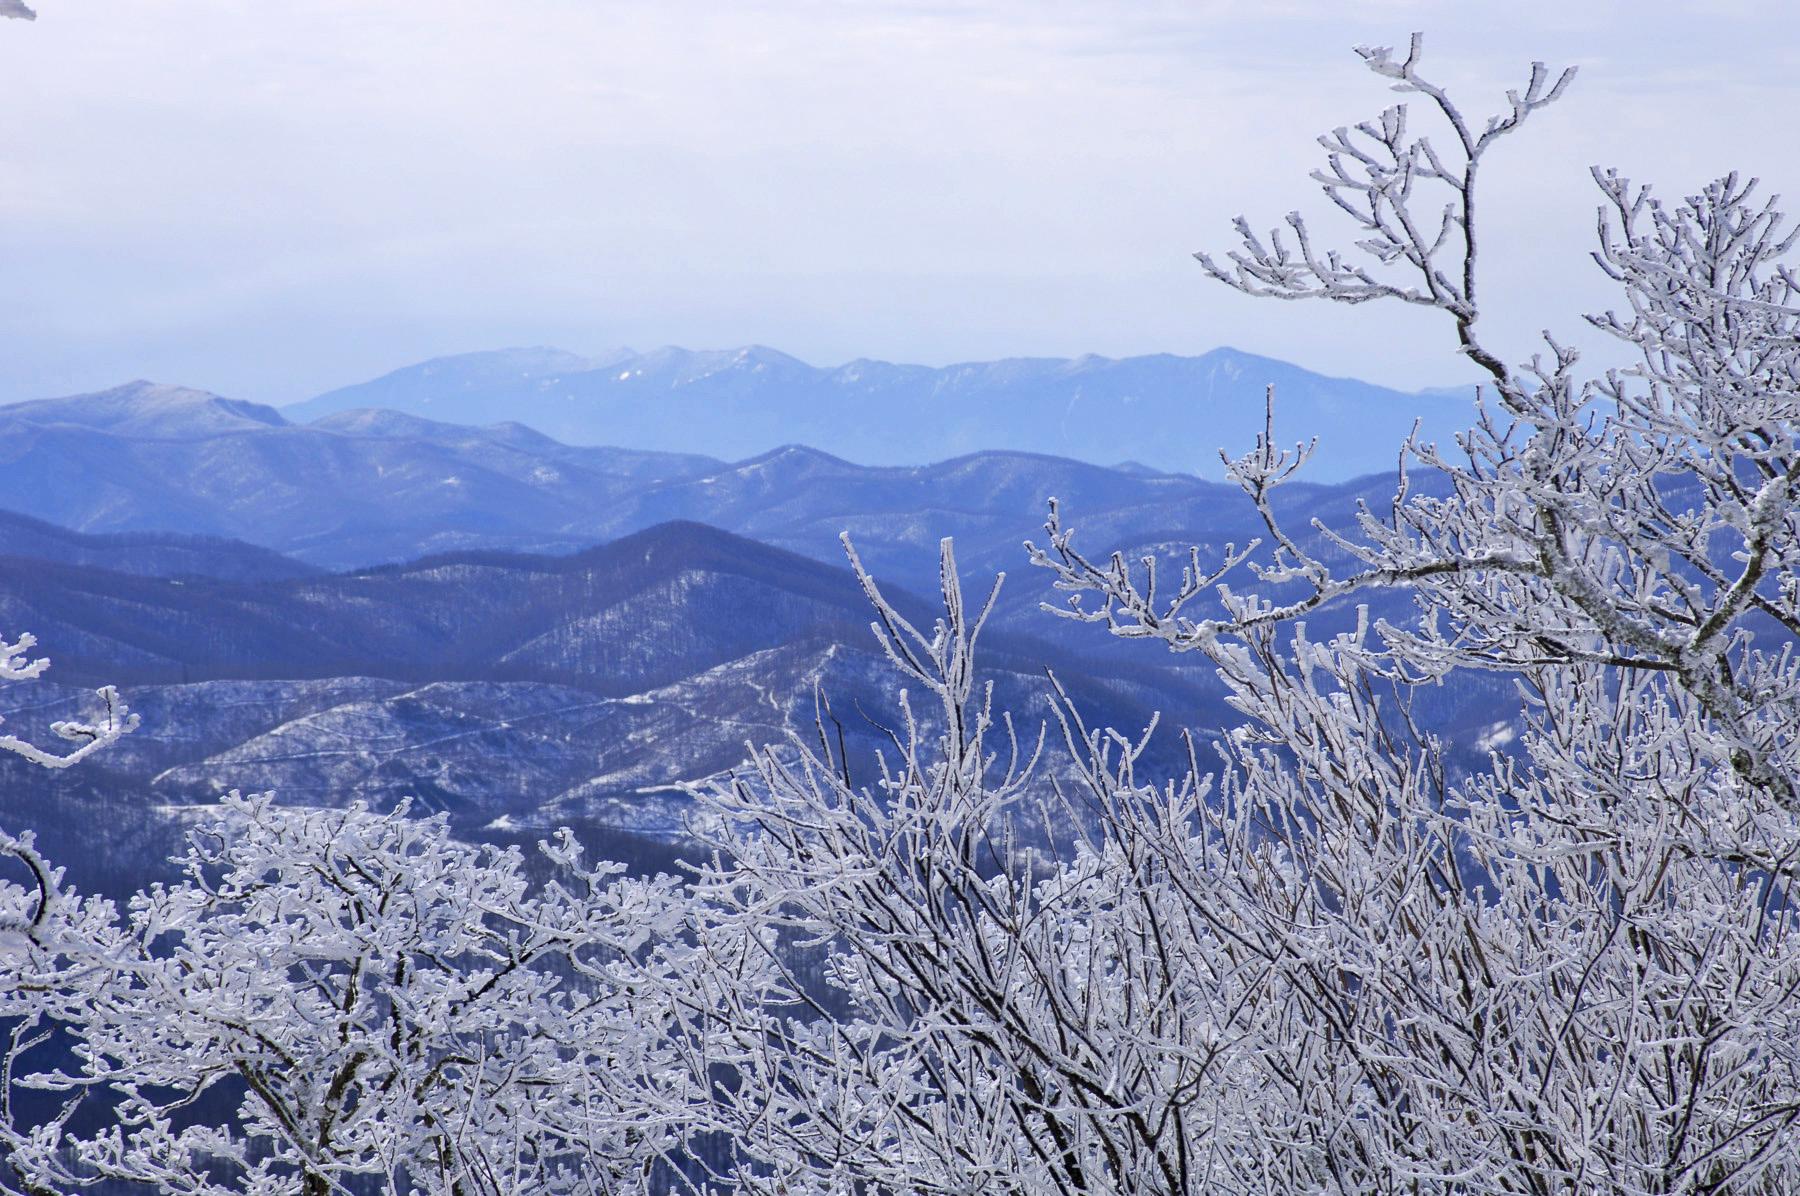 Land for Sale at Eagles Nest Lodge Homesite 47 Lot L-47 Eagles Cliff Trail Banner Elk, North Carolina 28604 United States